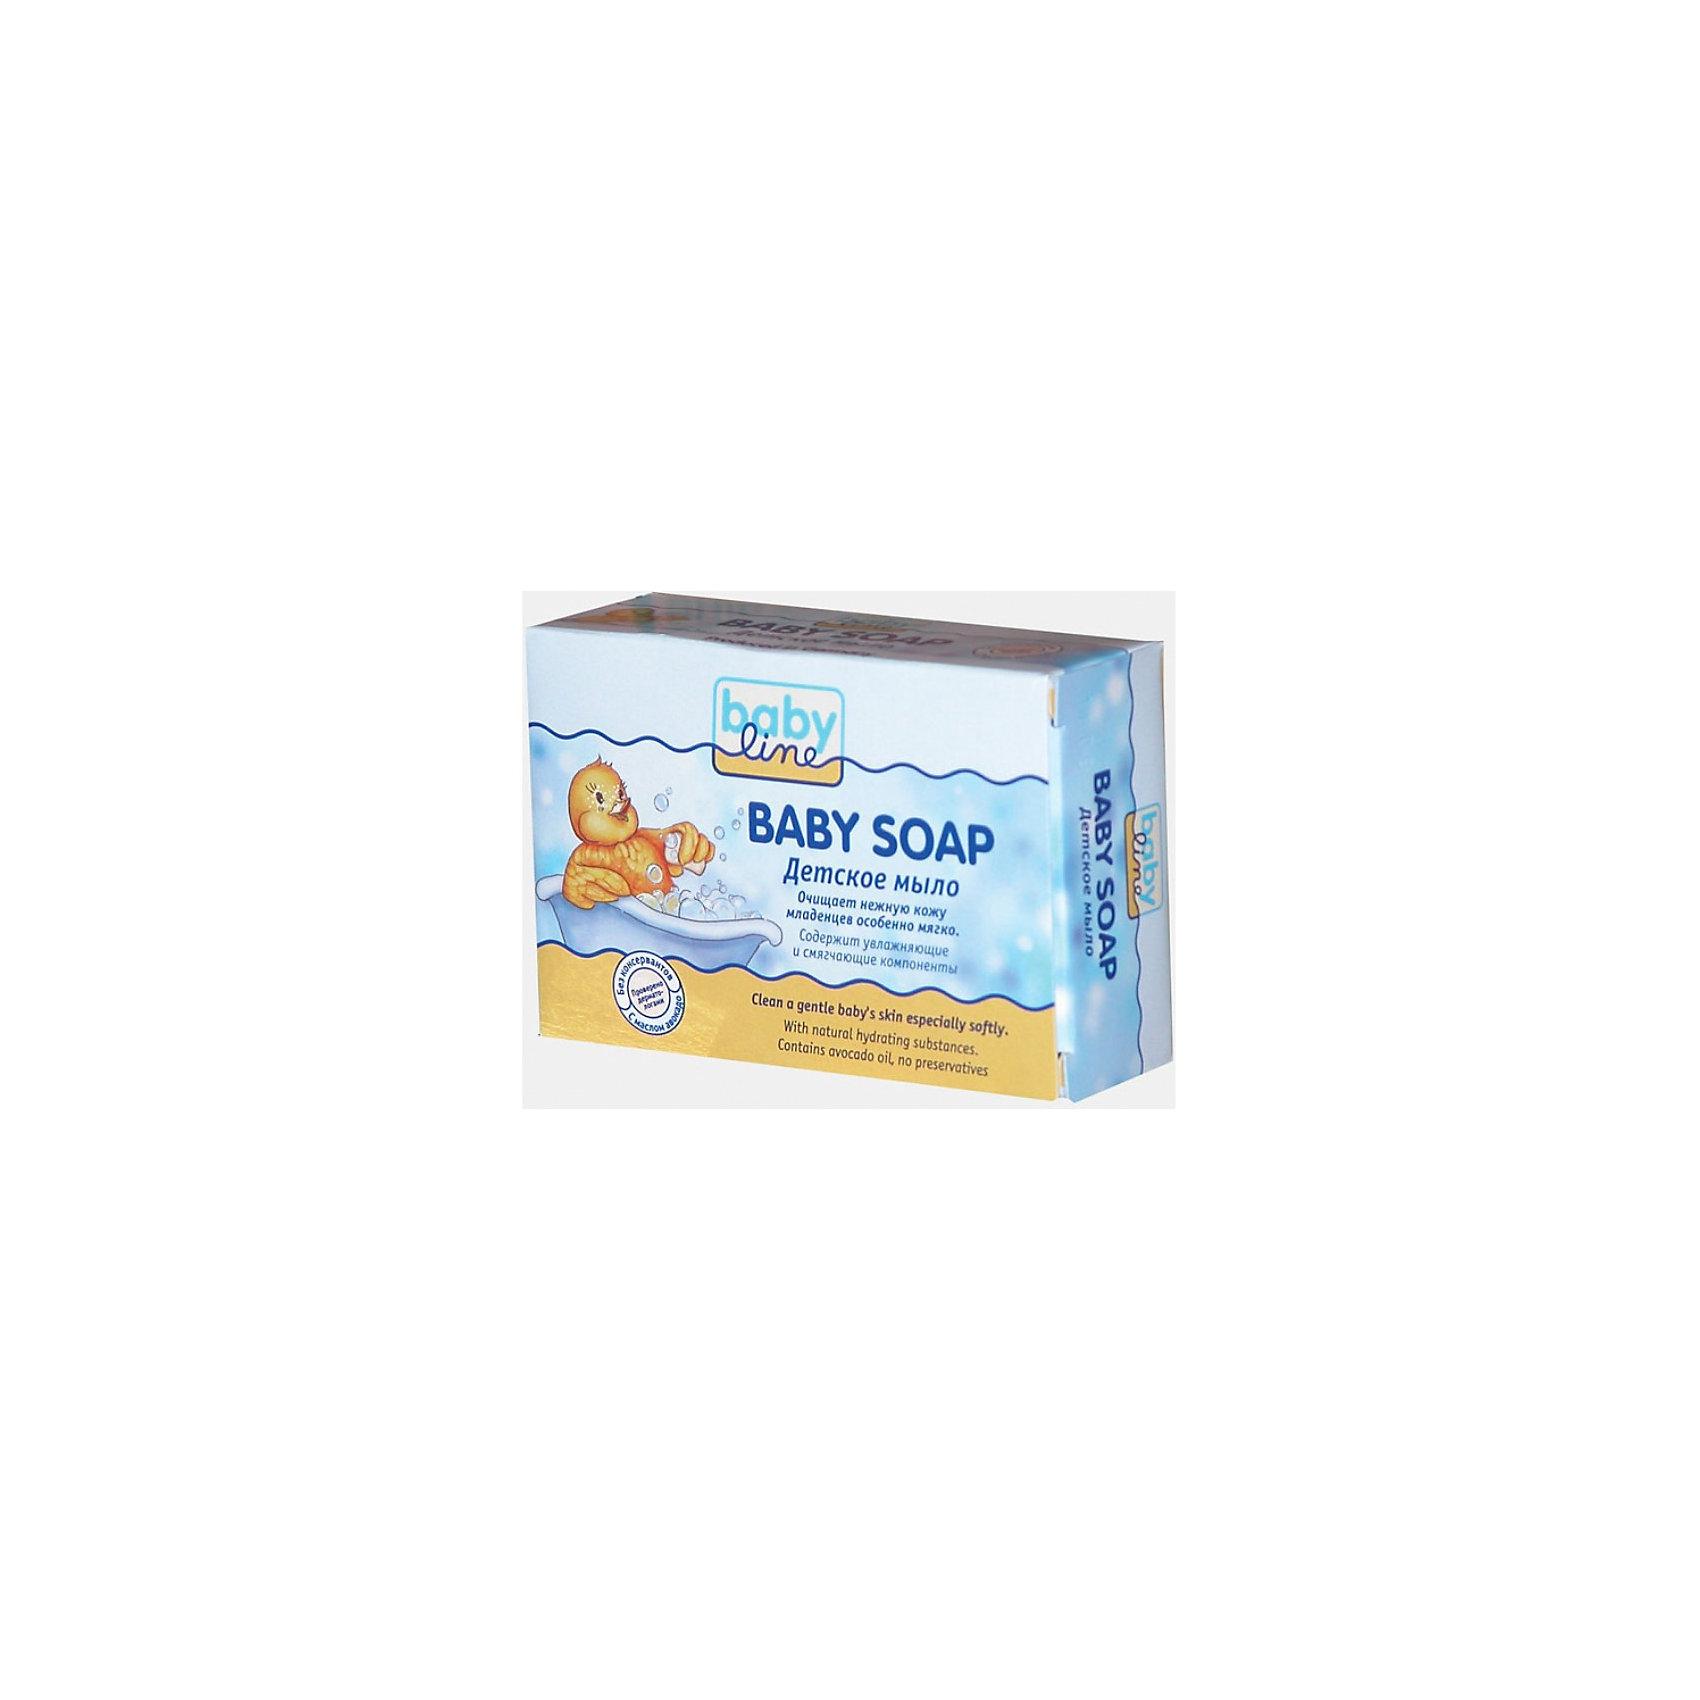 Детское мыло, BabyLine, 100 гДетское мыло<br>Детское мыло, BabyLine (БэйбиЛайн), прекрасно очищает нежную кожу младенцев деликатно и мягко. Содержит увлажняющие и смягчающие компоненты, которые сделают кожу Вашего крохи еще нежнее. Мыло дерматологически протестировано. Мягкие моющие вещества, входящие в состав мыла, тщательно очищают кожу, предохраняя её от высыпаний. Масло авокадо оказывает смягчающее и ранозаживляющее действие.<br>Купание - в удовольствие!<br><br>Дополнительная информация:<br><br>- не вызывает аллергии;<br>- содержит только чистые растительные компоненты;<br>- создает активную пену, но легко смывается;<br>- не содержит красителей;<br>- обладает приятным, не резким запахом;<br>- очень экономично расходуется;<br>- не сушит кожу рук;<br>- рекомендовано для нежной кожи новорожденных;<br>- вес: 100г.<br><br>Нежная и чистая кожа каждый день!<br><br>Детское мыло, BabyLine, 100 г Вы можете купить в нашем интернет-магазине.<br><br>Ширина мм: 90<br>Глубина мм: 30<br>Высота мм: 62<br>Вес г: 110<br>Возраст от месяцев: 0<br>Возраст до месяцев: 48<br>Пол: Унисекс<br>Возраст: Детский<br>SKU: 3531102